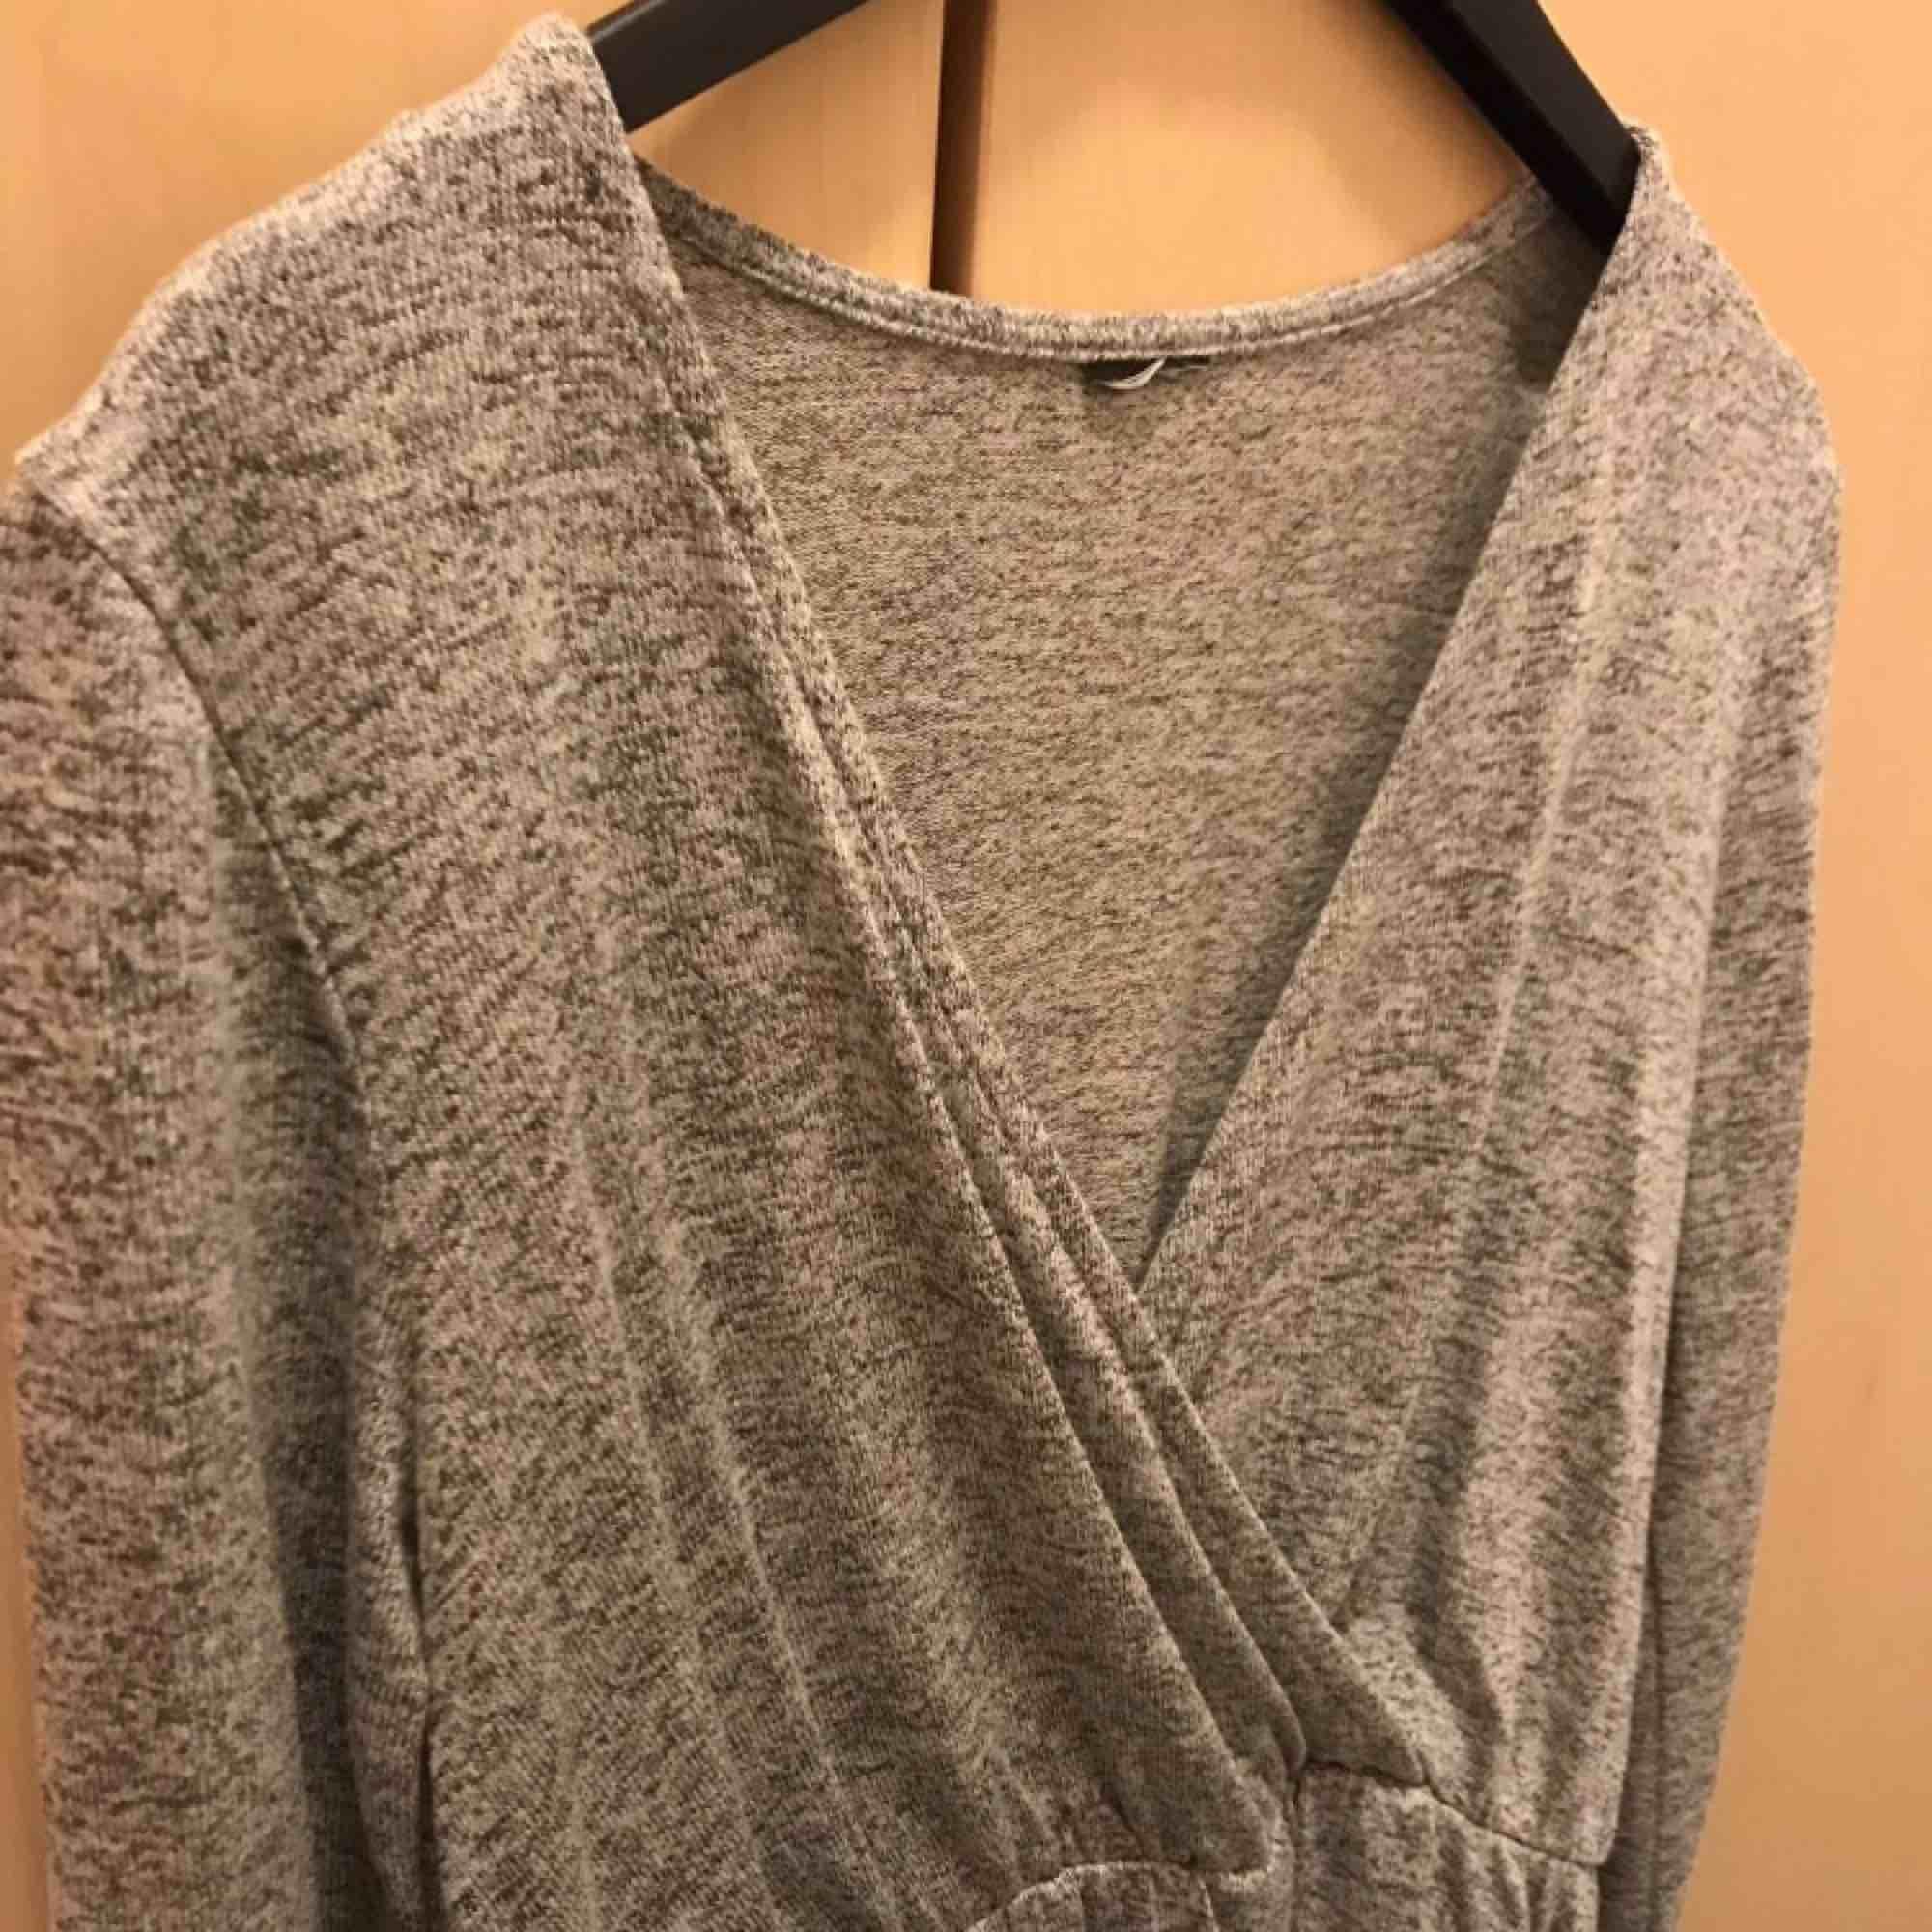 Grå tröja i strl XS från Gina Tricot. Enbart provad. Tröjor & Koftor.